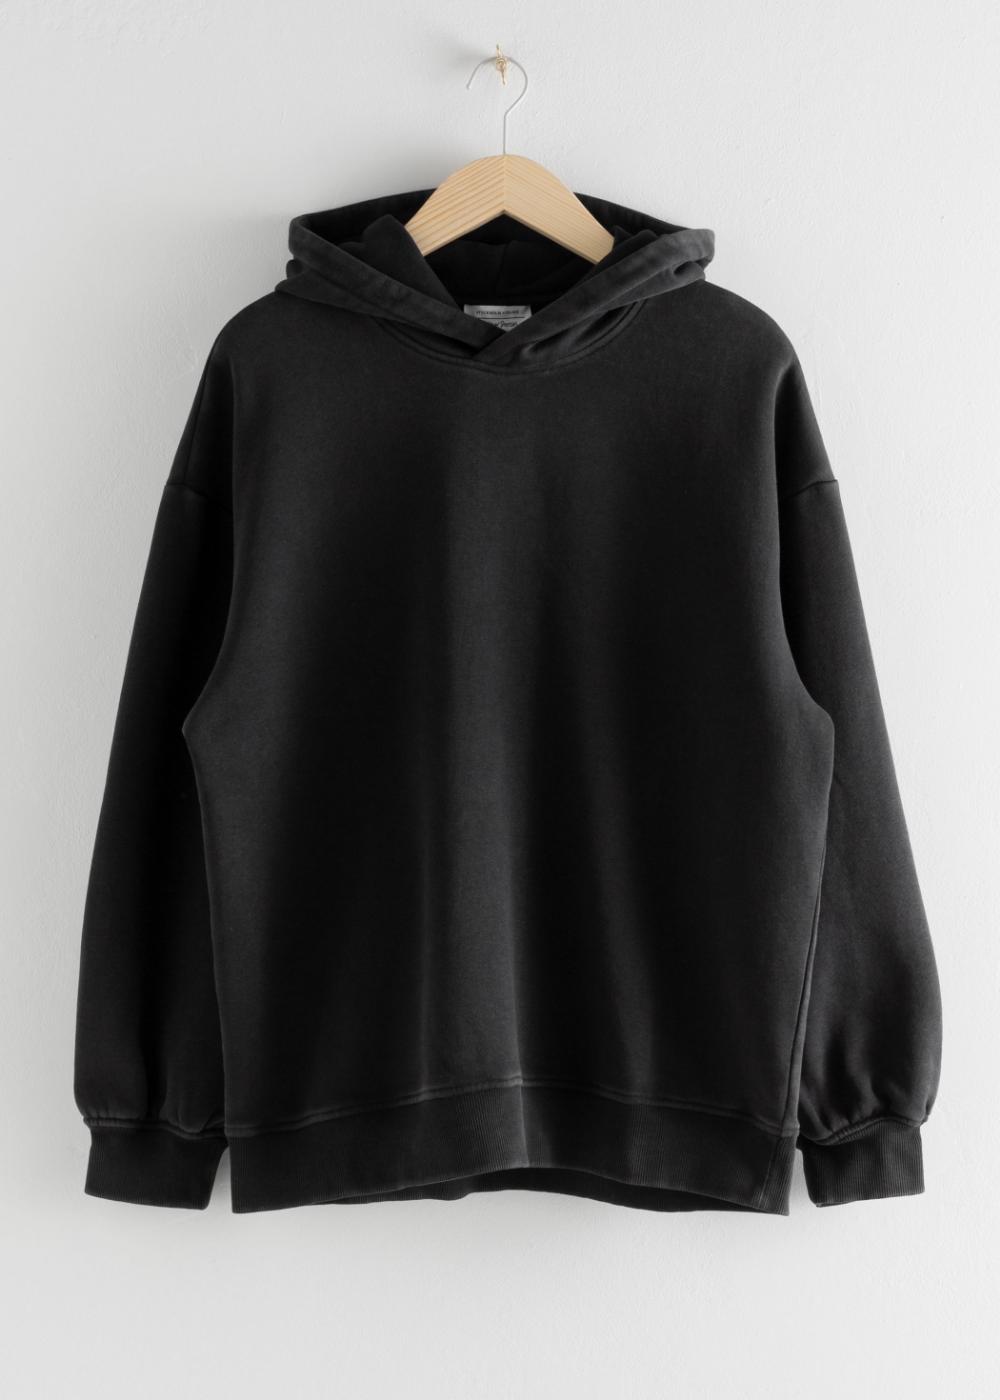 Oversized Hooded Boxy Sweatshirt In 2021 Sweatshirts Black Sweatshirt Outfit Oversize Hoodie